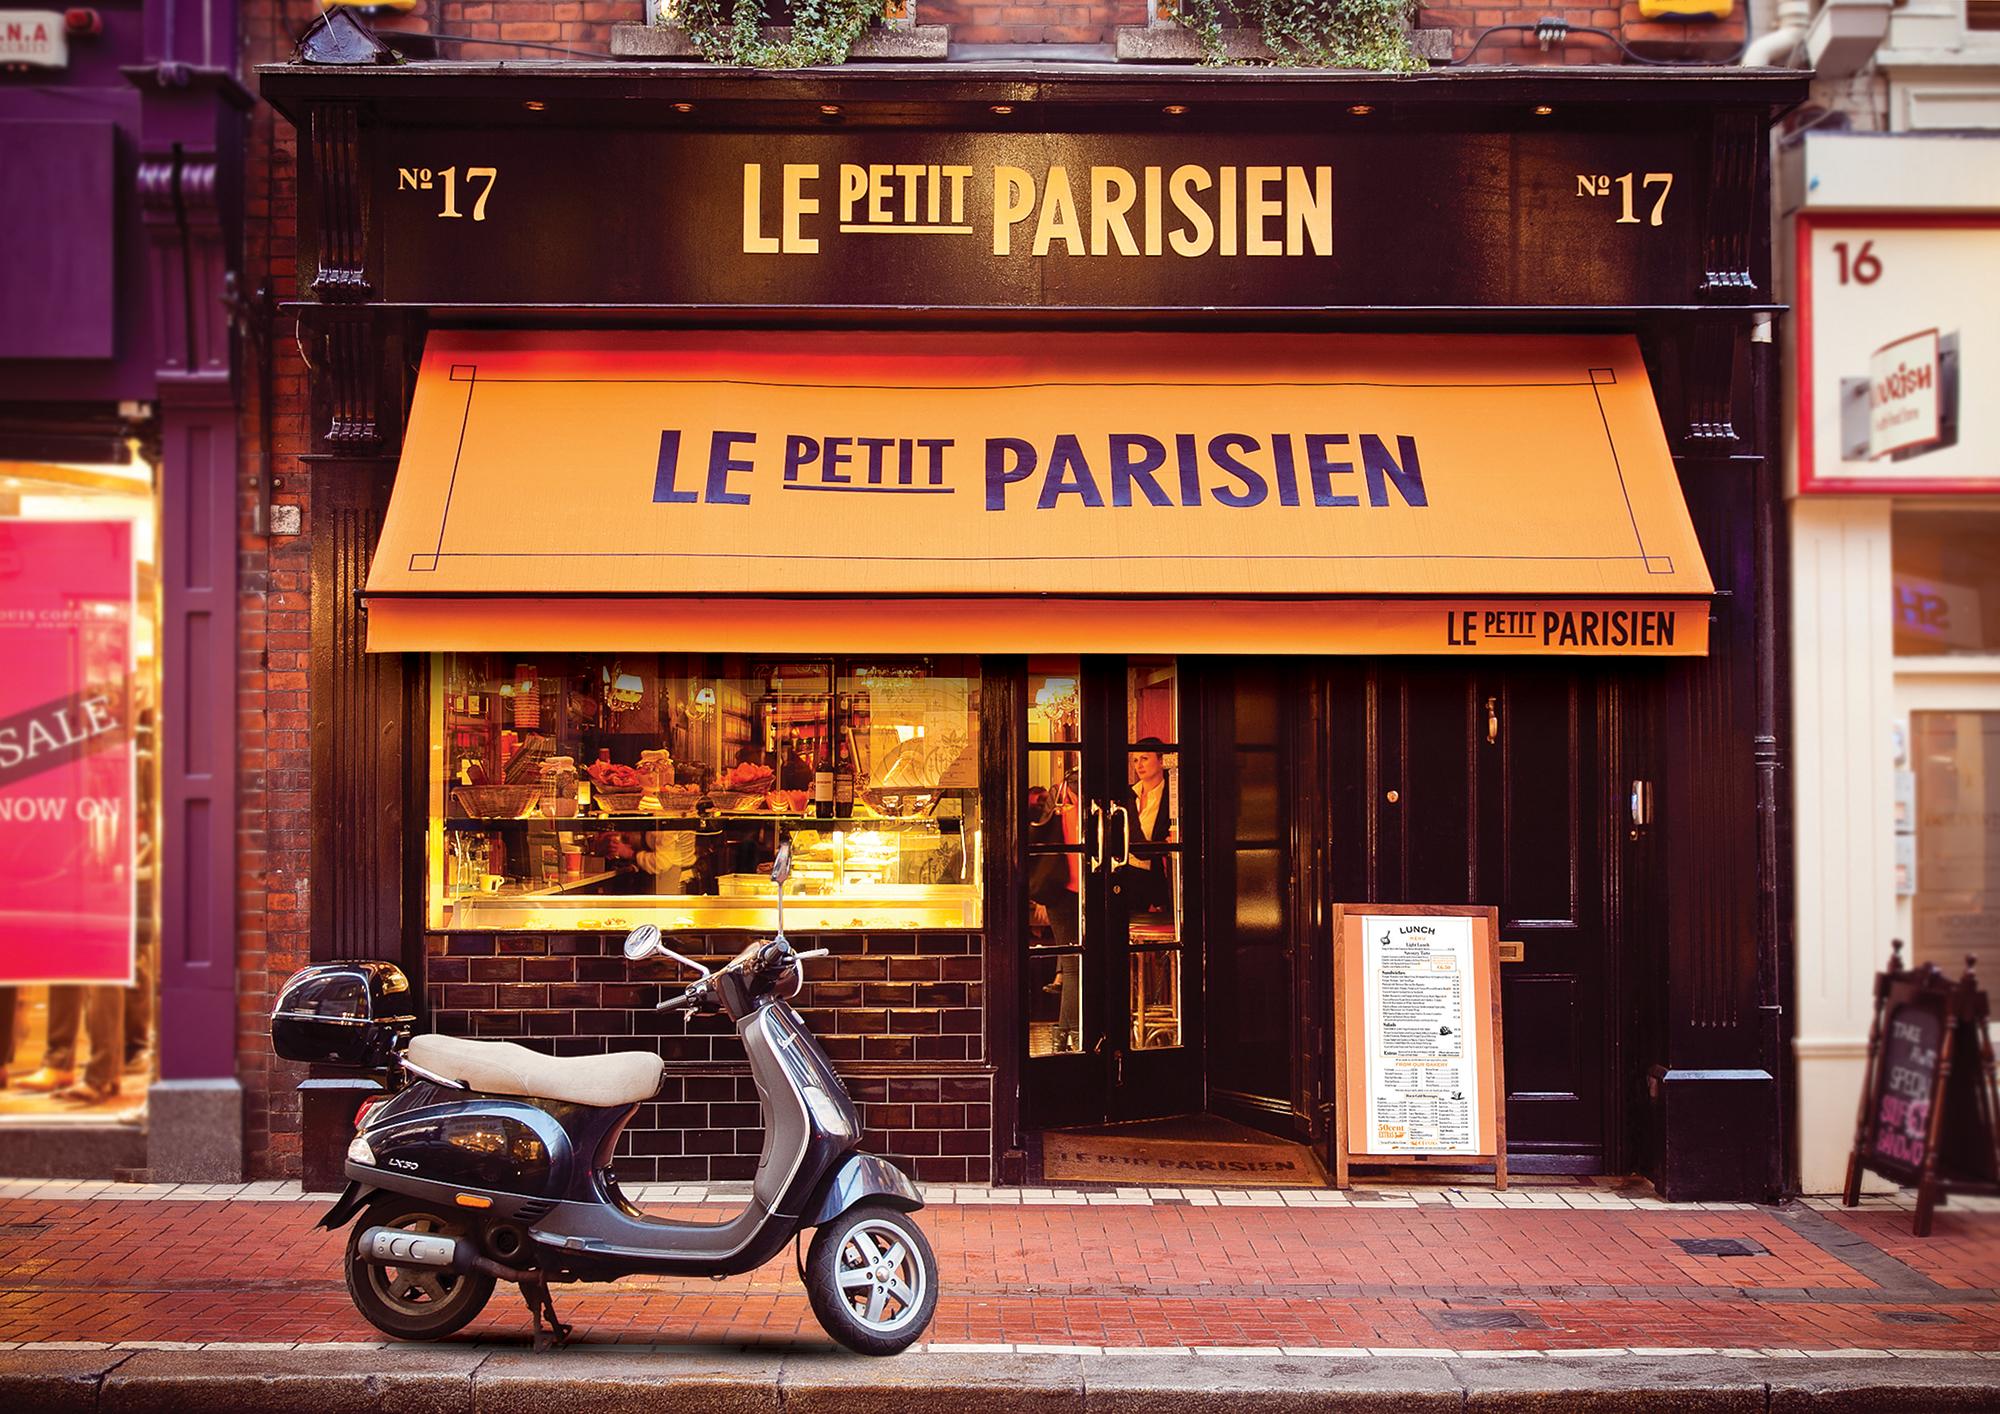 Cover image: Le Petit Parisien